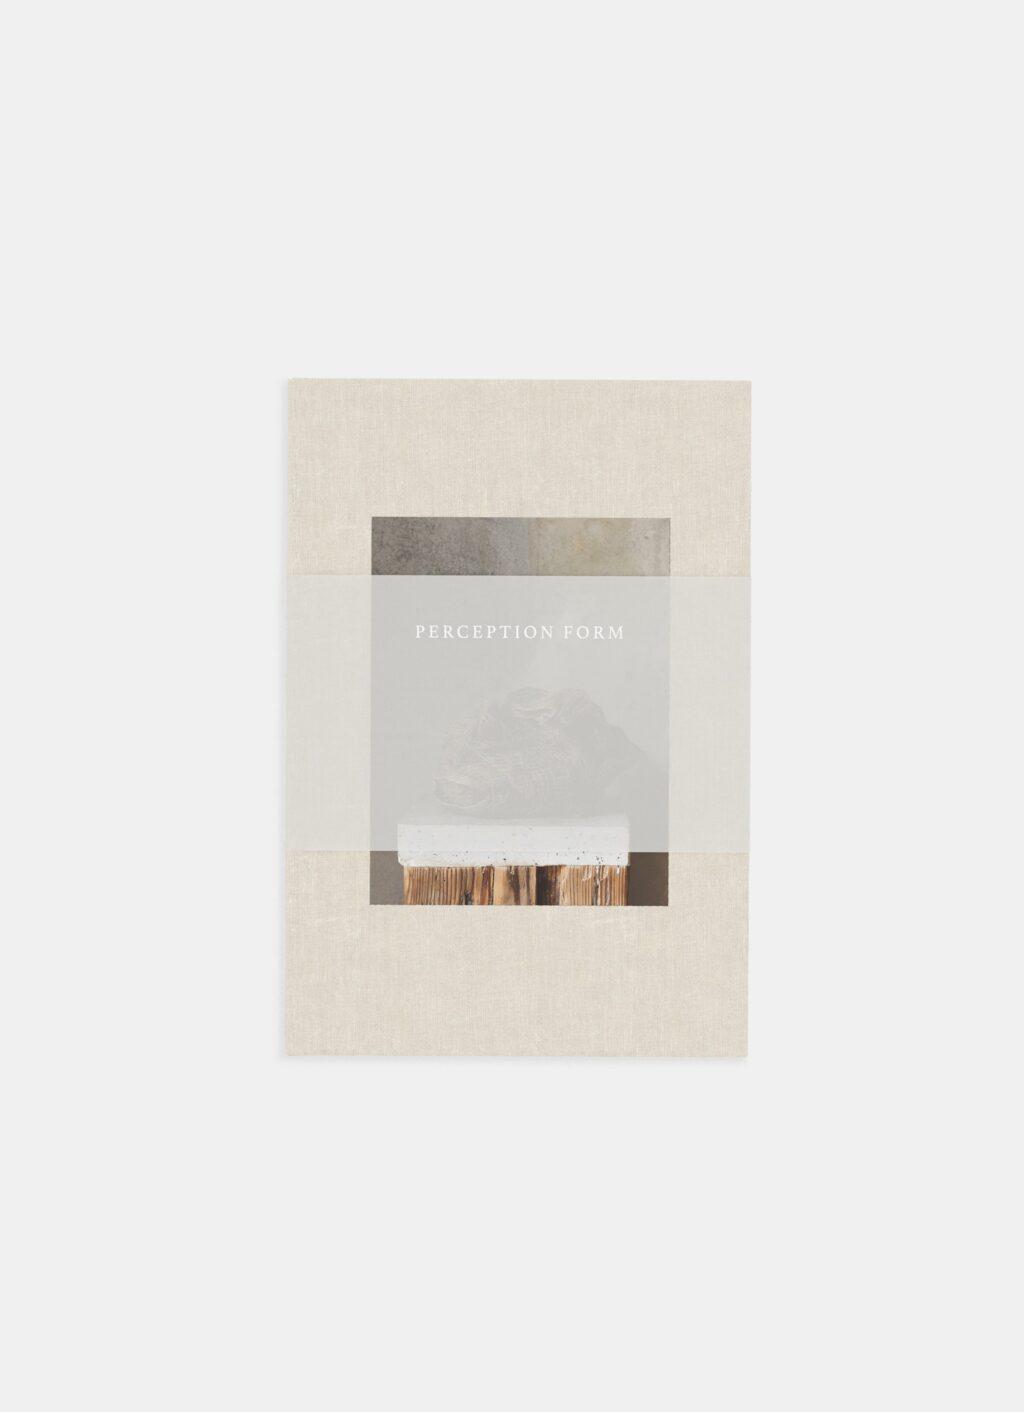 Frama - Perception Form - Book